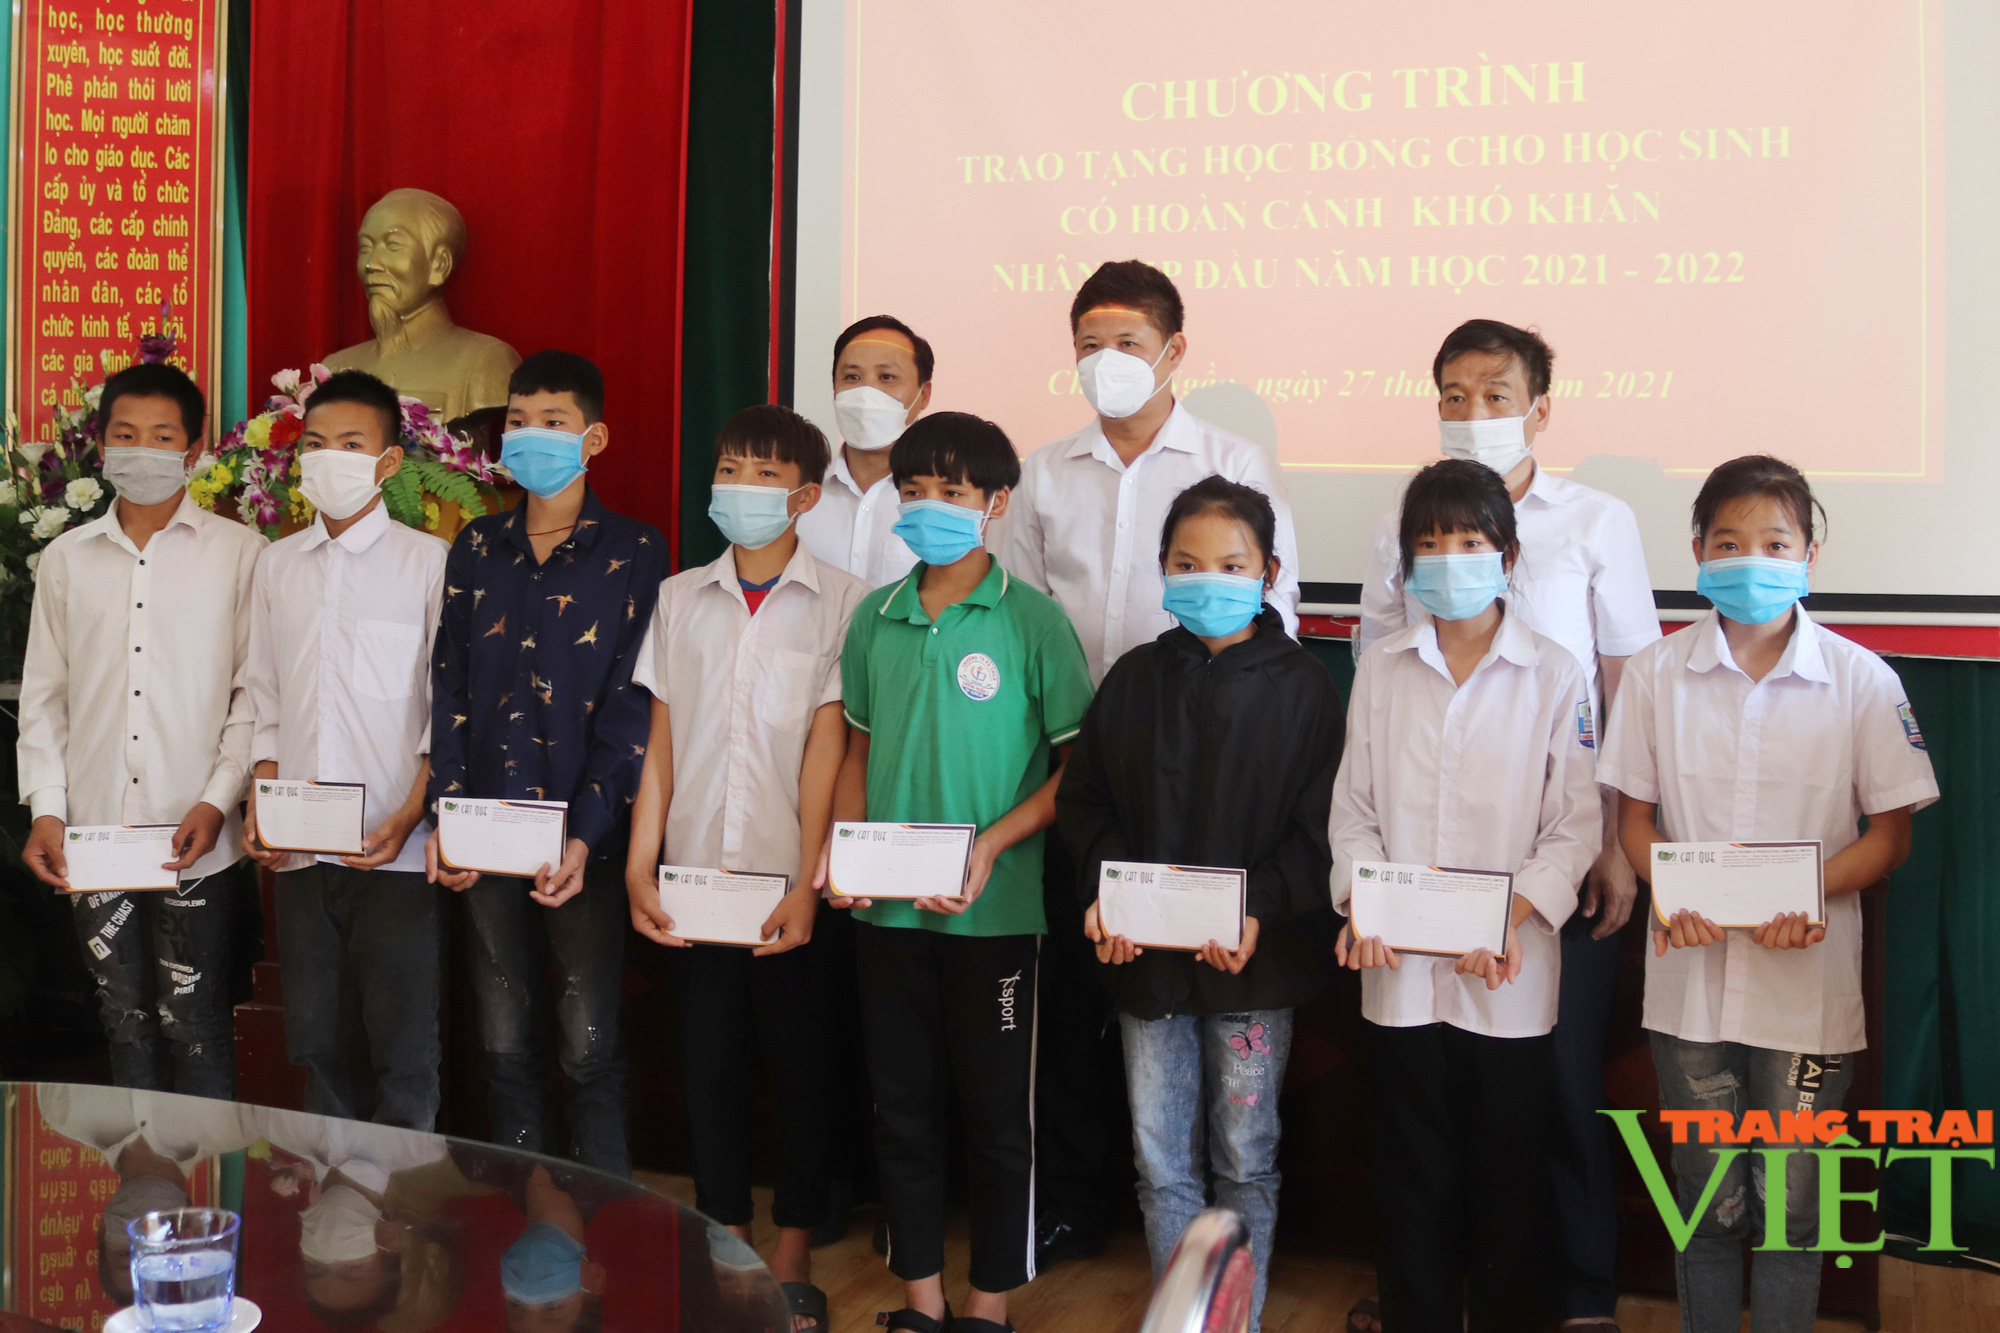 Sơn La: Trao 25 suất học bổng cho các em học sinh có hoàn cảnh khó khăn, vượt khó trong học tập - Ảnh 6.